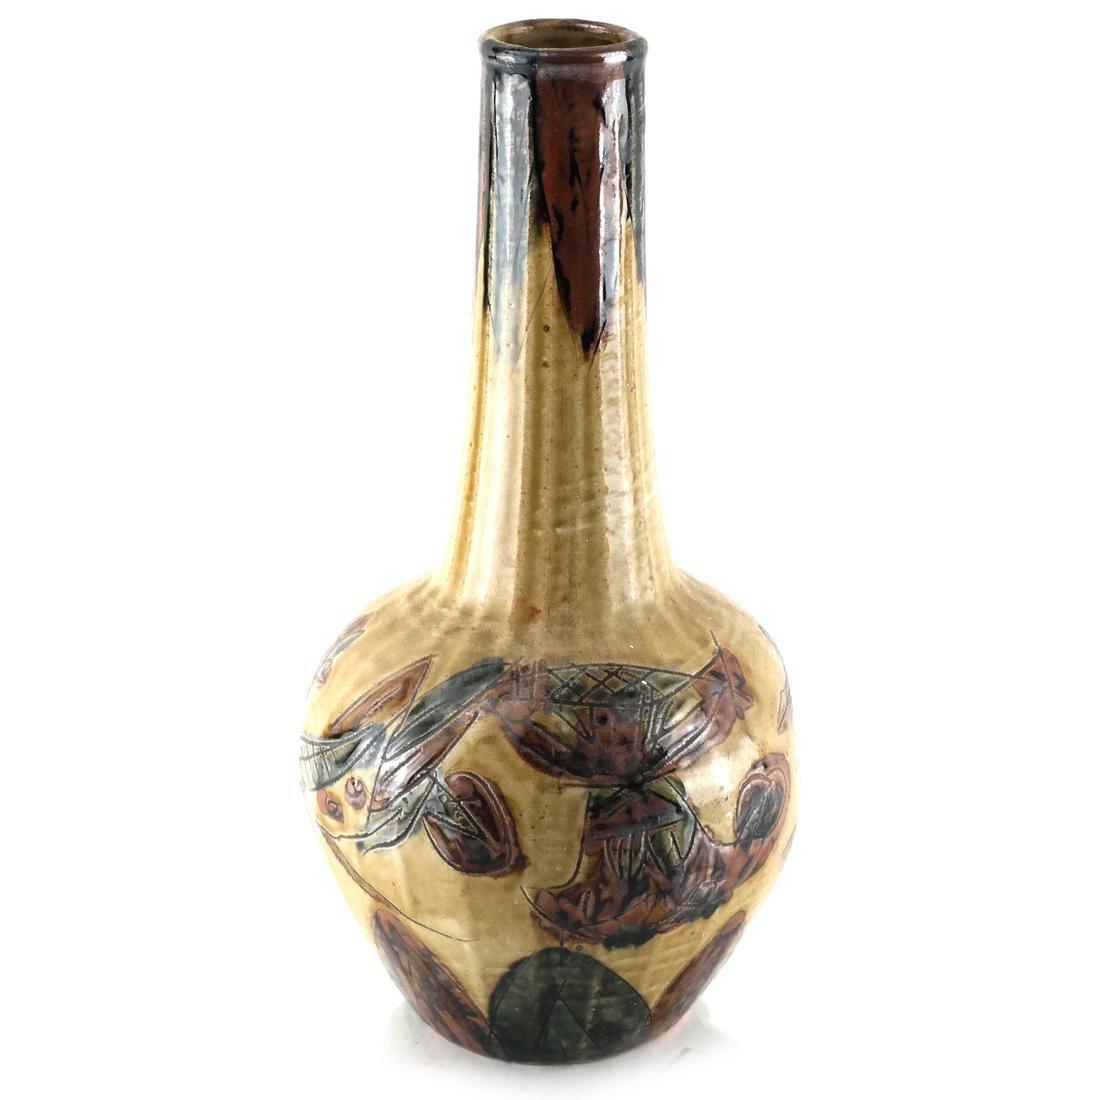 Modern Decorated Ceramic Vase